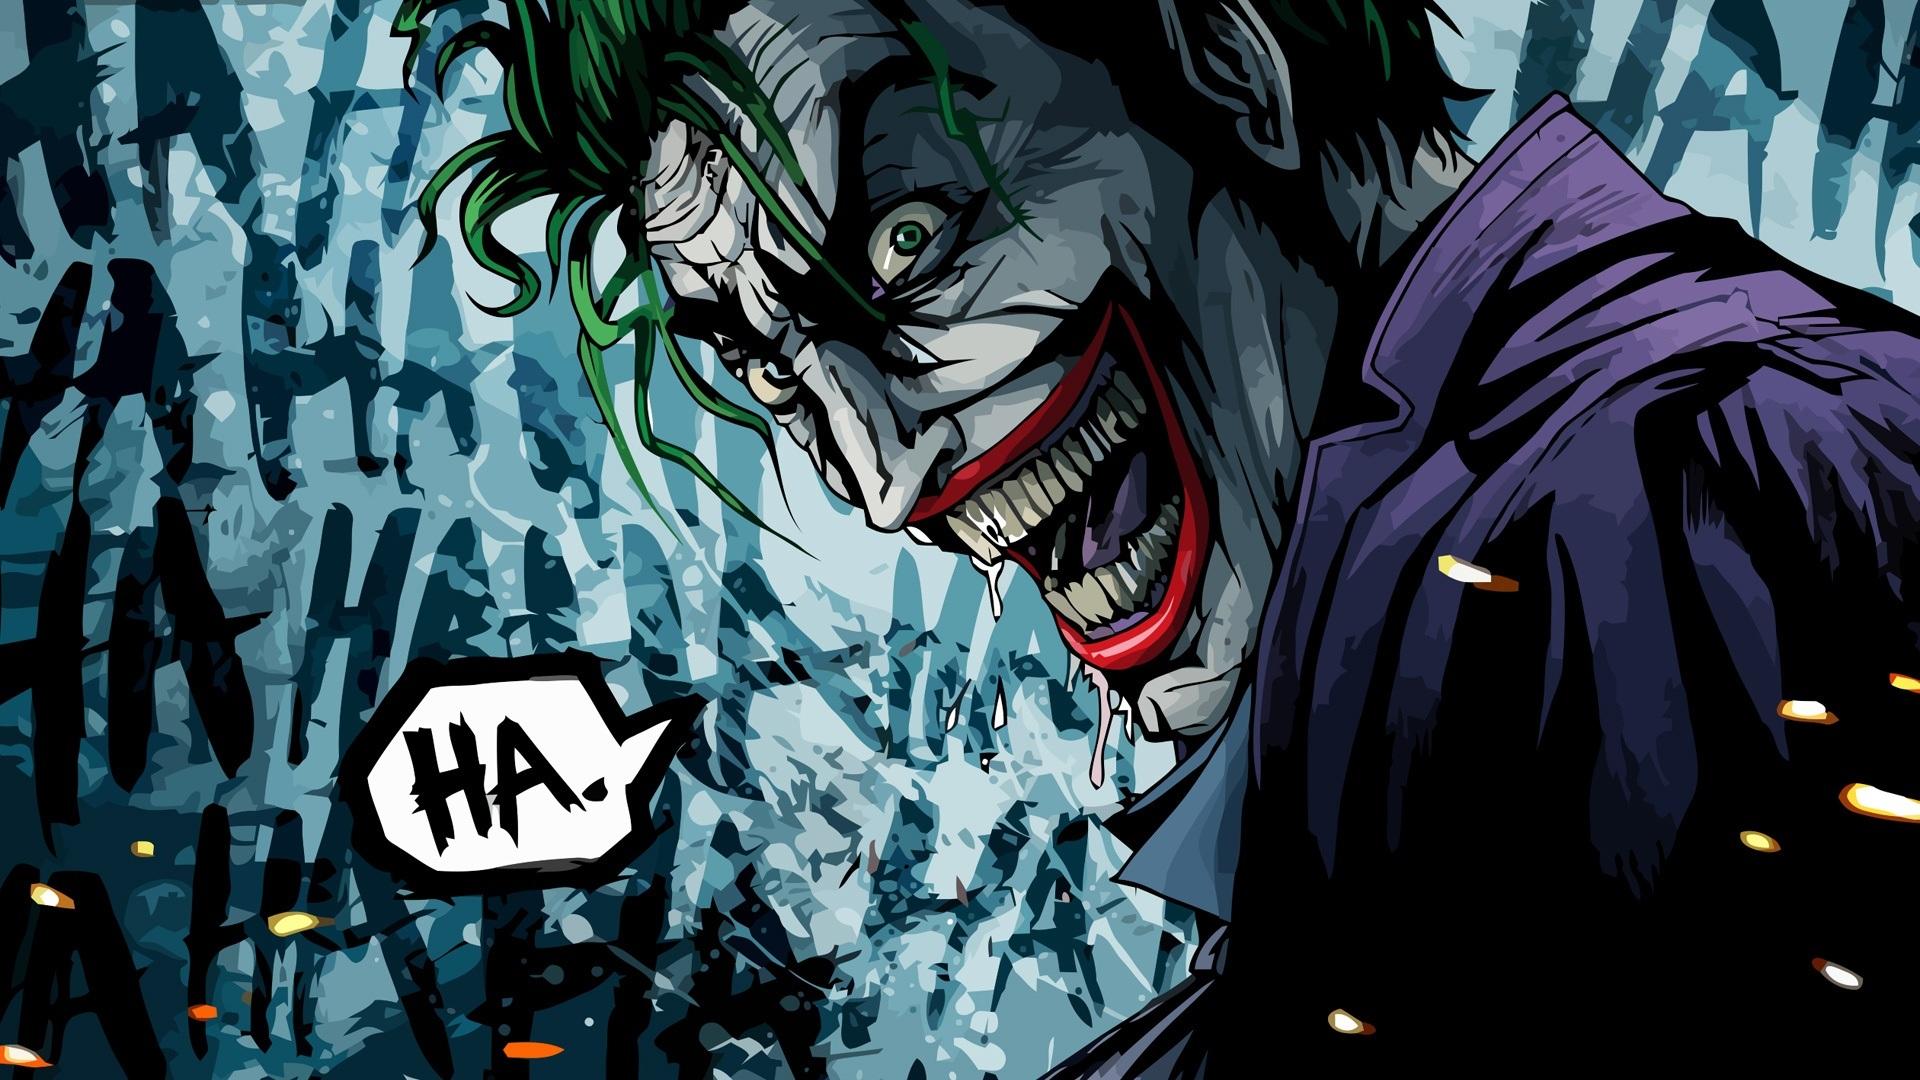 https://source.superherostuff.com/wp-content/uploads/2016/01/The-killing-joke-joker.jpg